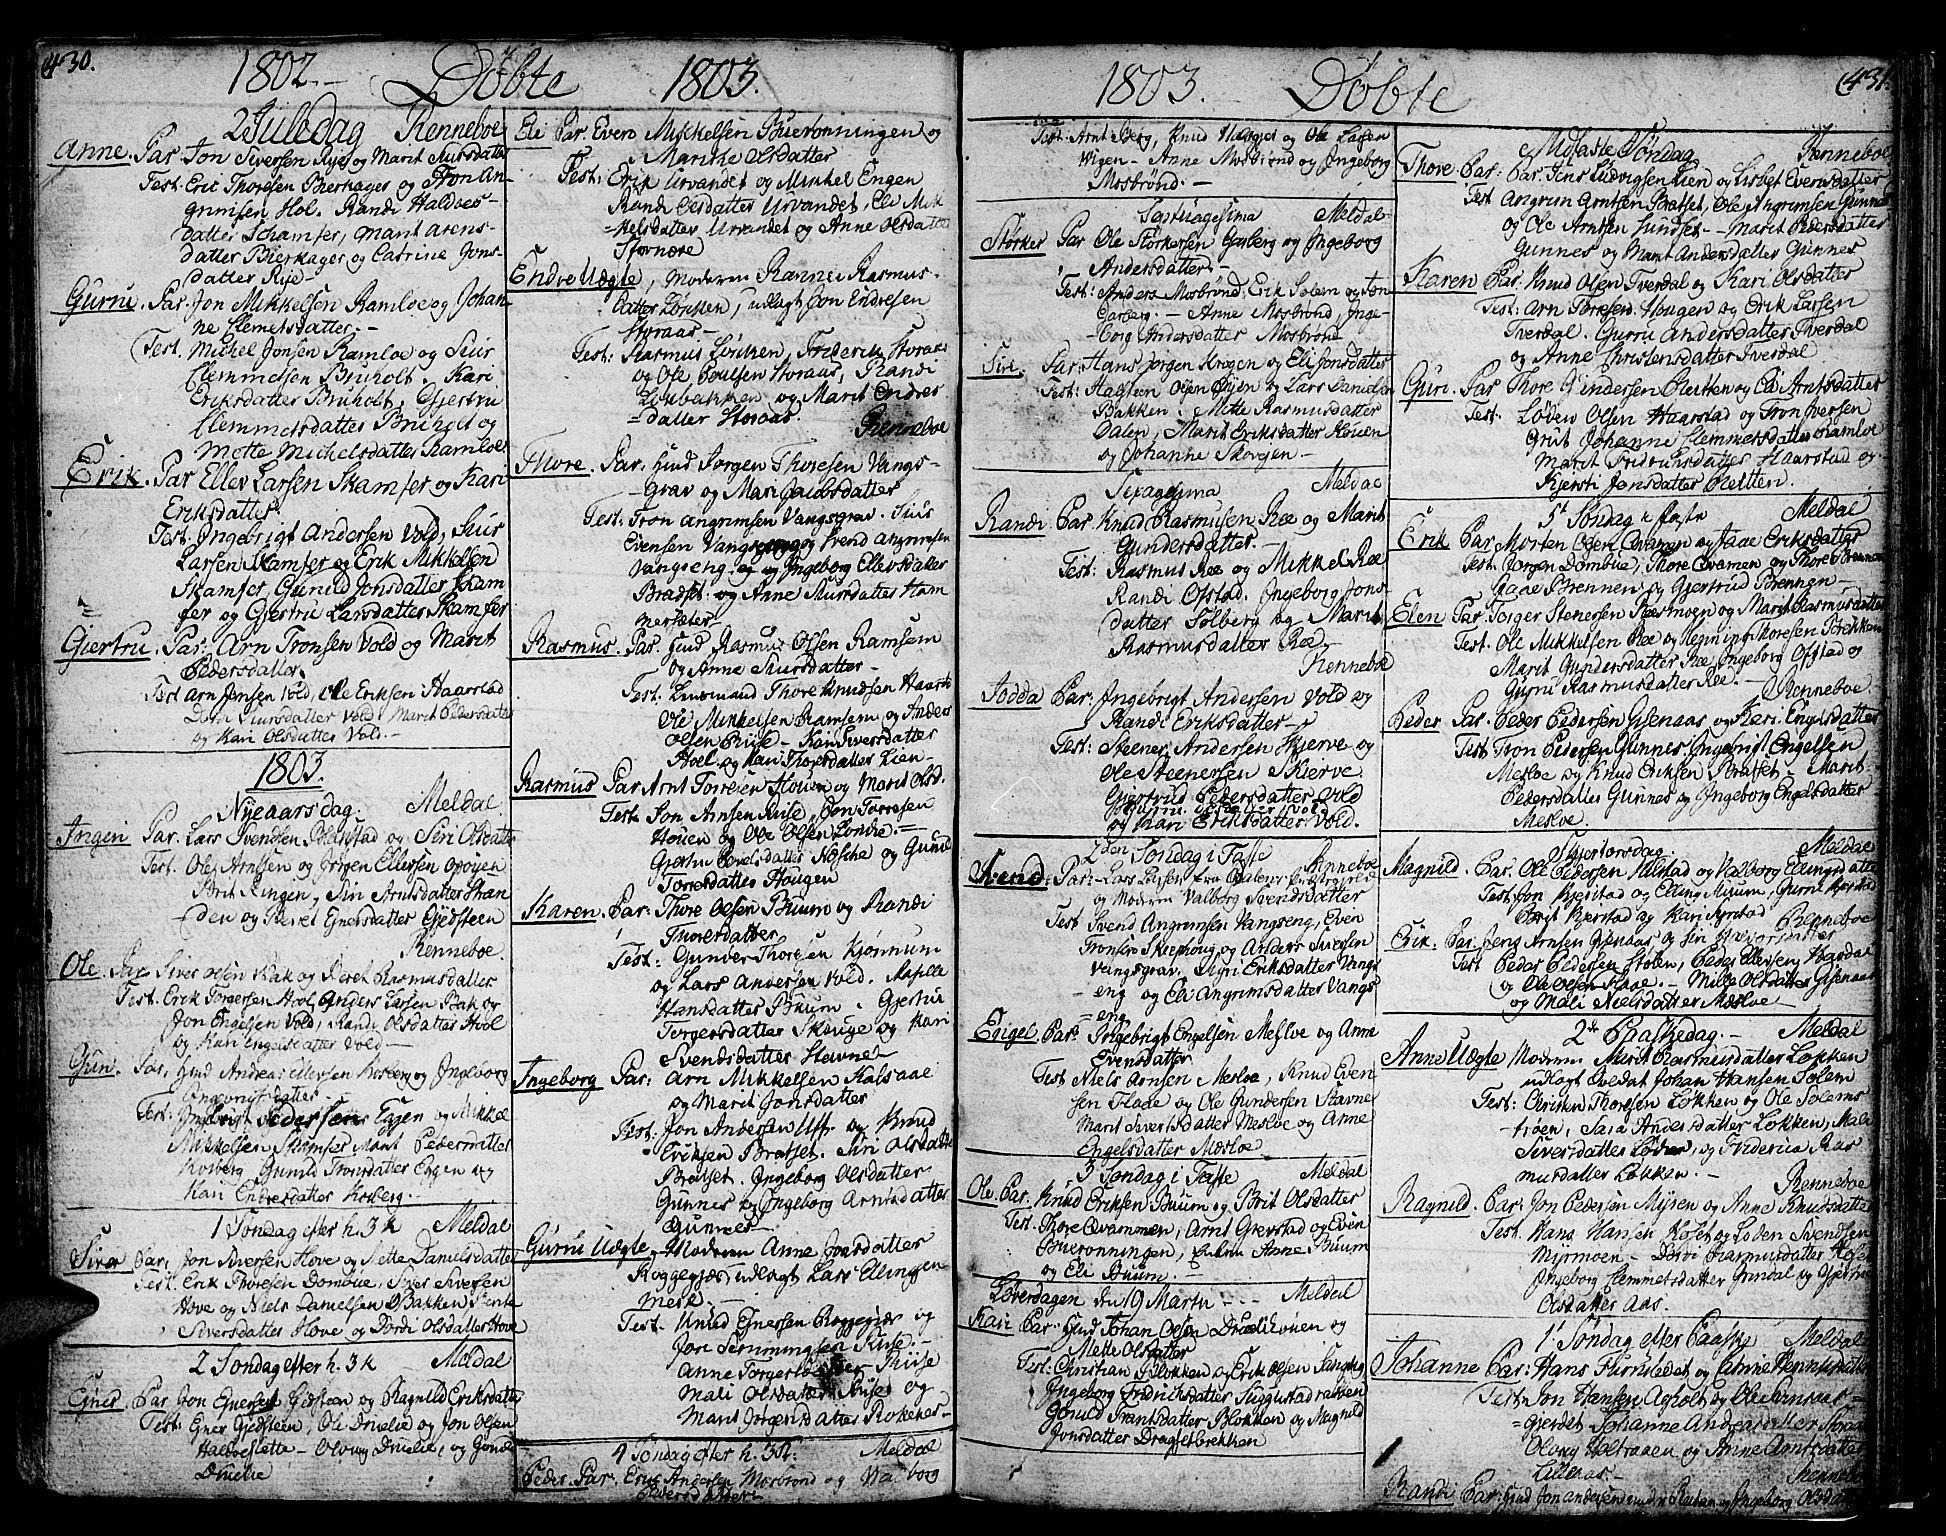 SAT, Ministerialprotokoller, klokkerbøker og fødselsregistre - Sør-Trøndelag, 672/L0852: Ministerialbok nr. 672A05, 1776-1815, s. 430-431